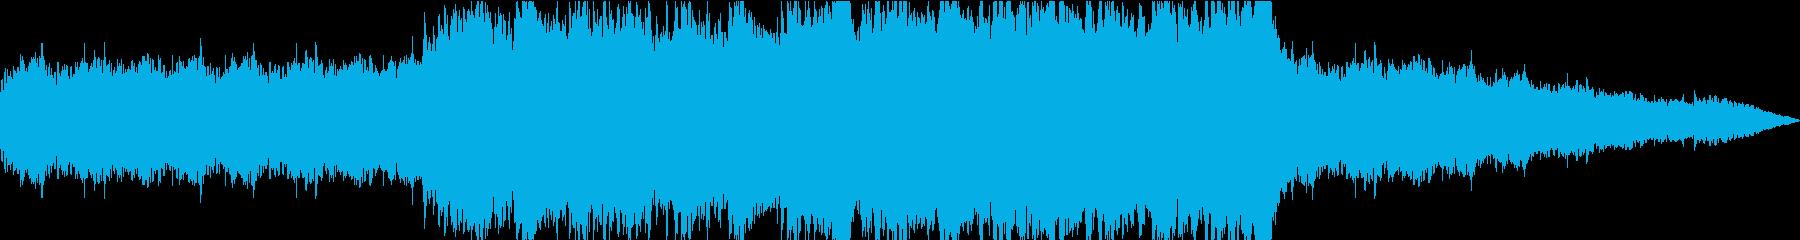 心が震えるBGMの再生済みの波形